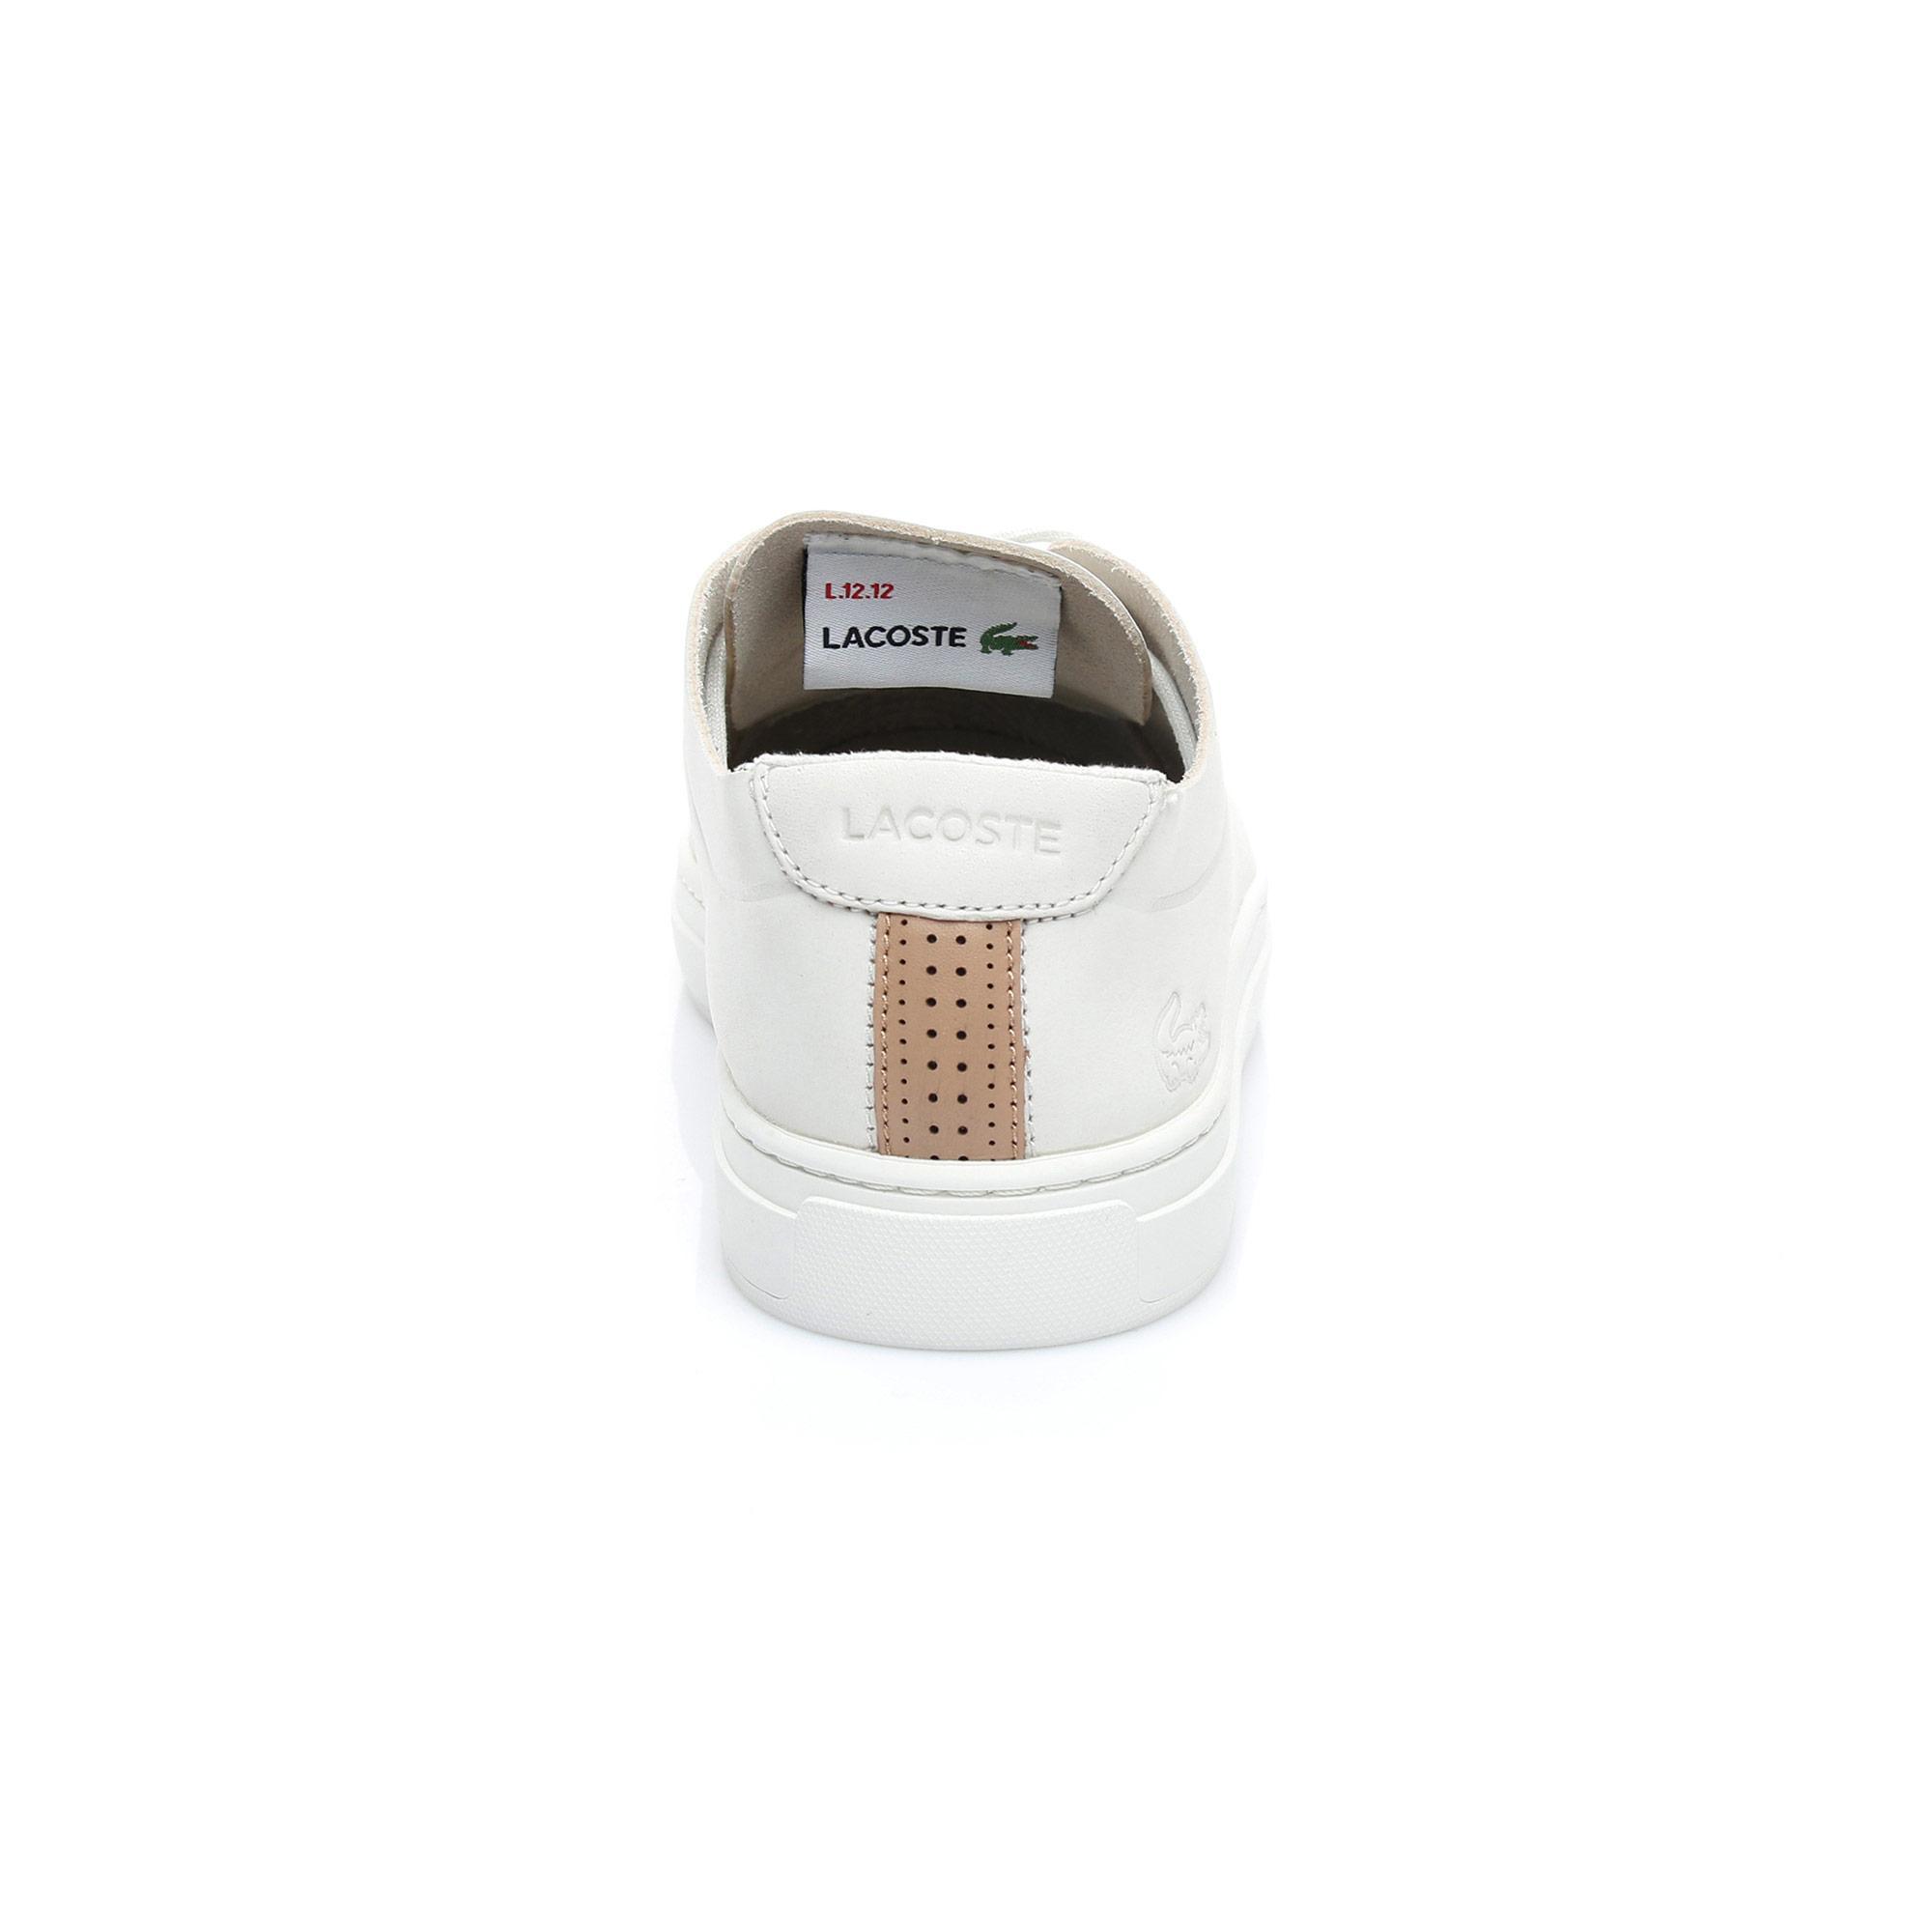 Lacoste Kadın L.12.12 Unlined 318 1 Bej Sneaker